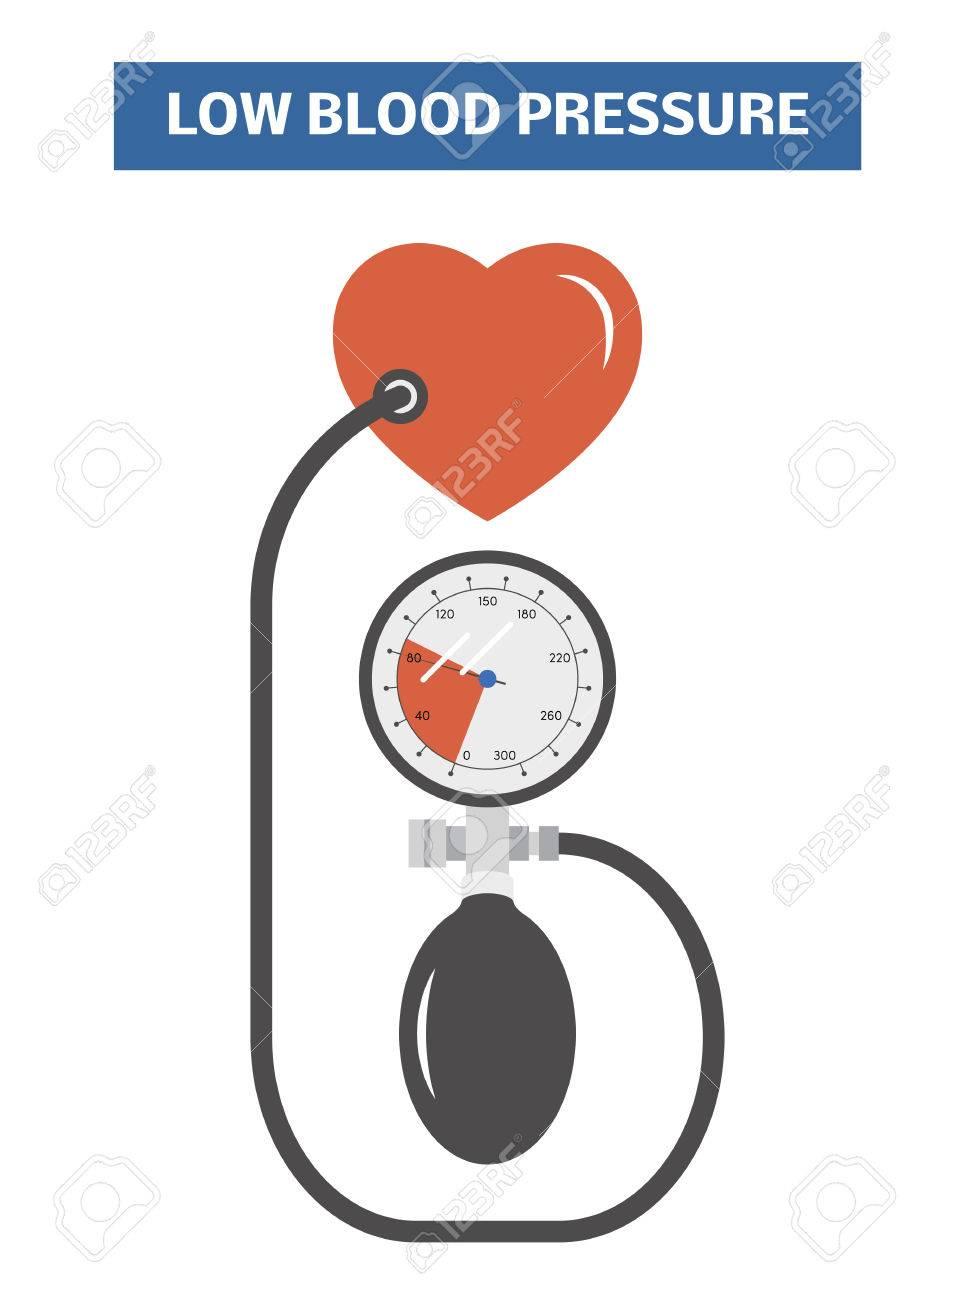 Hipertensión arterial simple